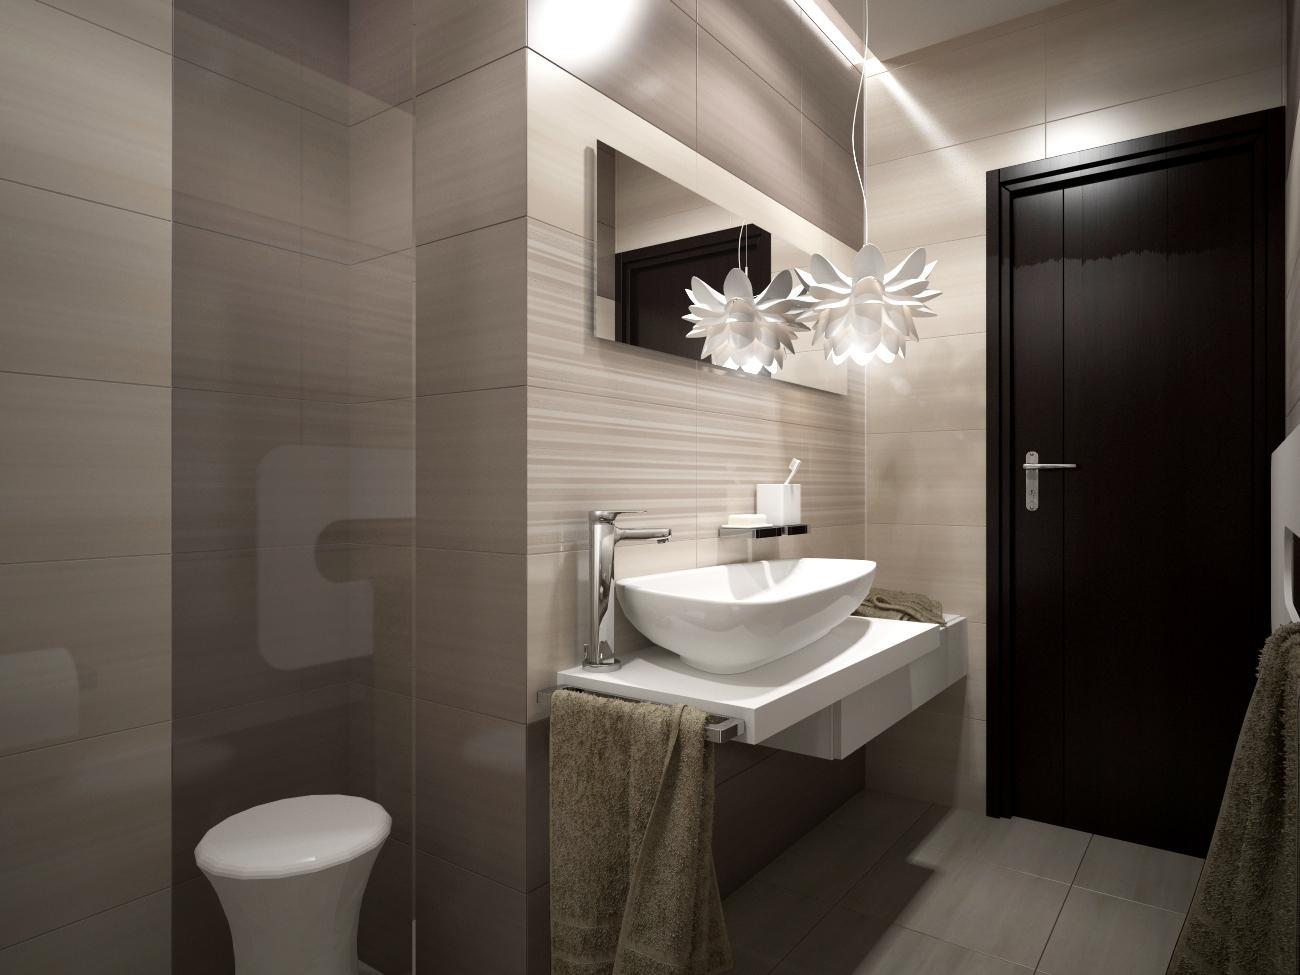 Pohľad do vašej budúcej kúpeľne - Obrázok č. 12